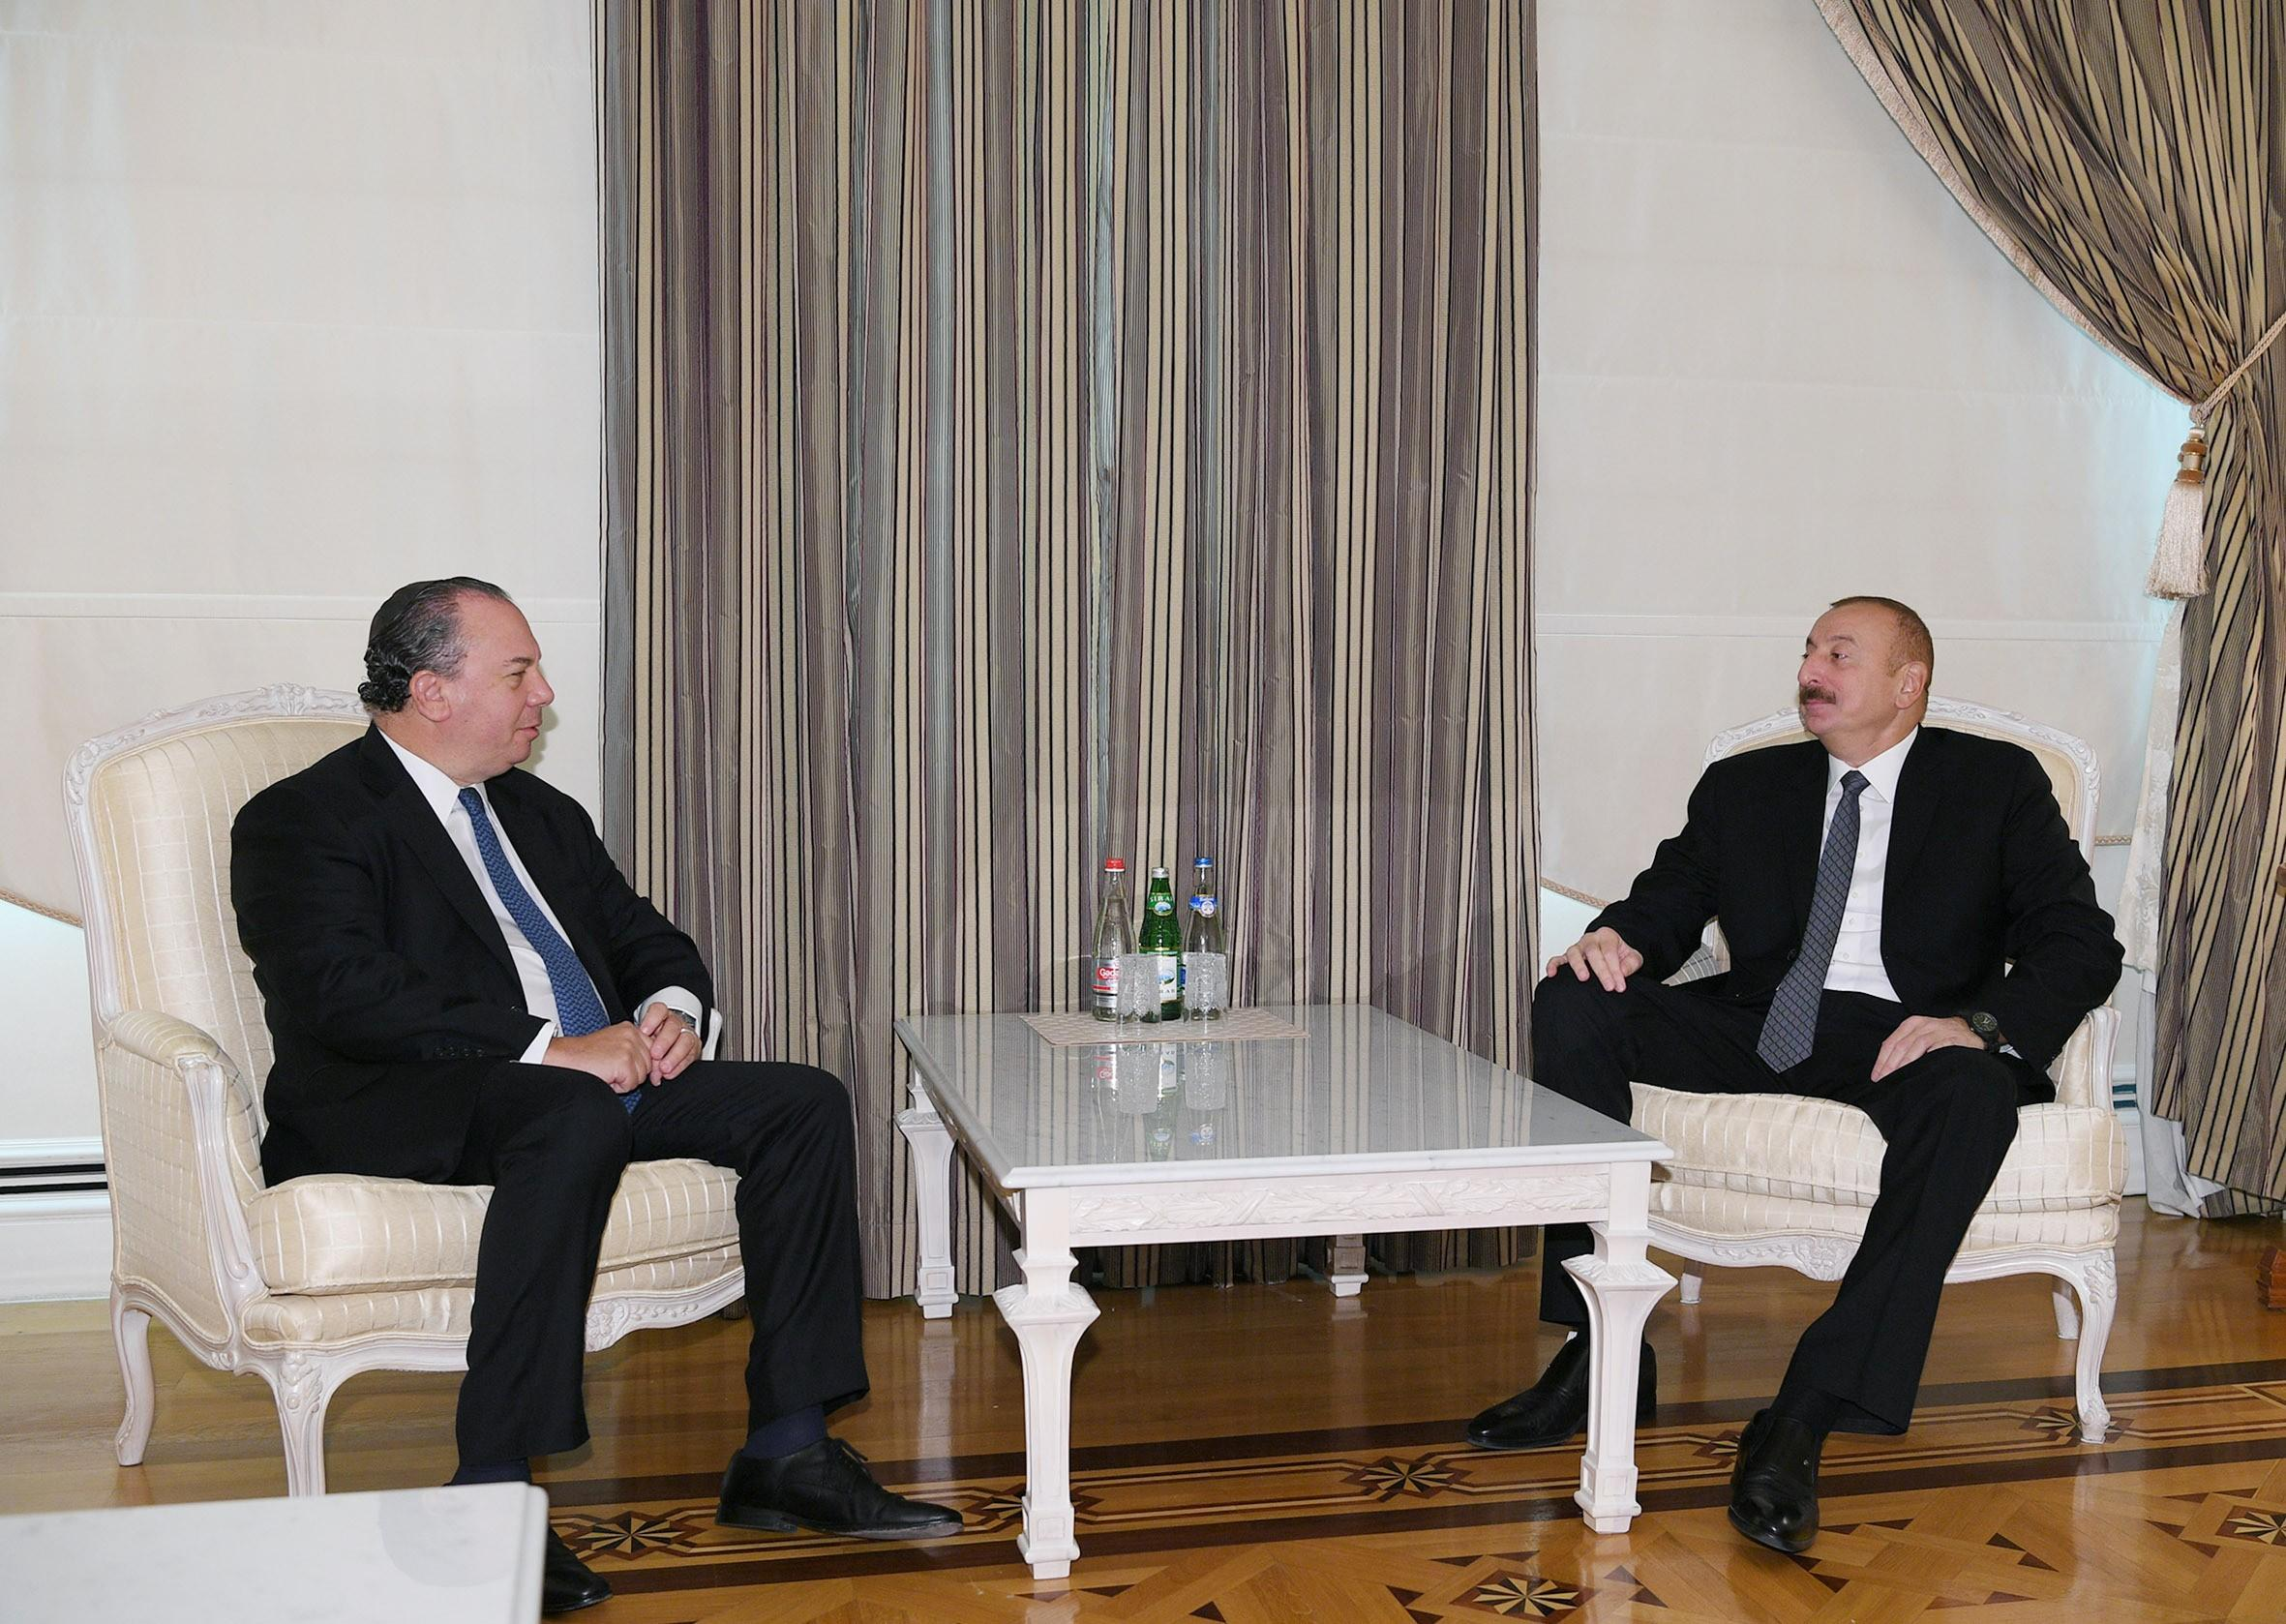 Президент Ильхам Алиев принял президента Фонда этнического взаимопонимания США